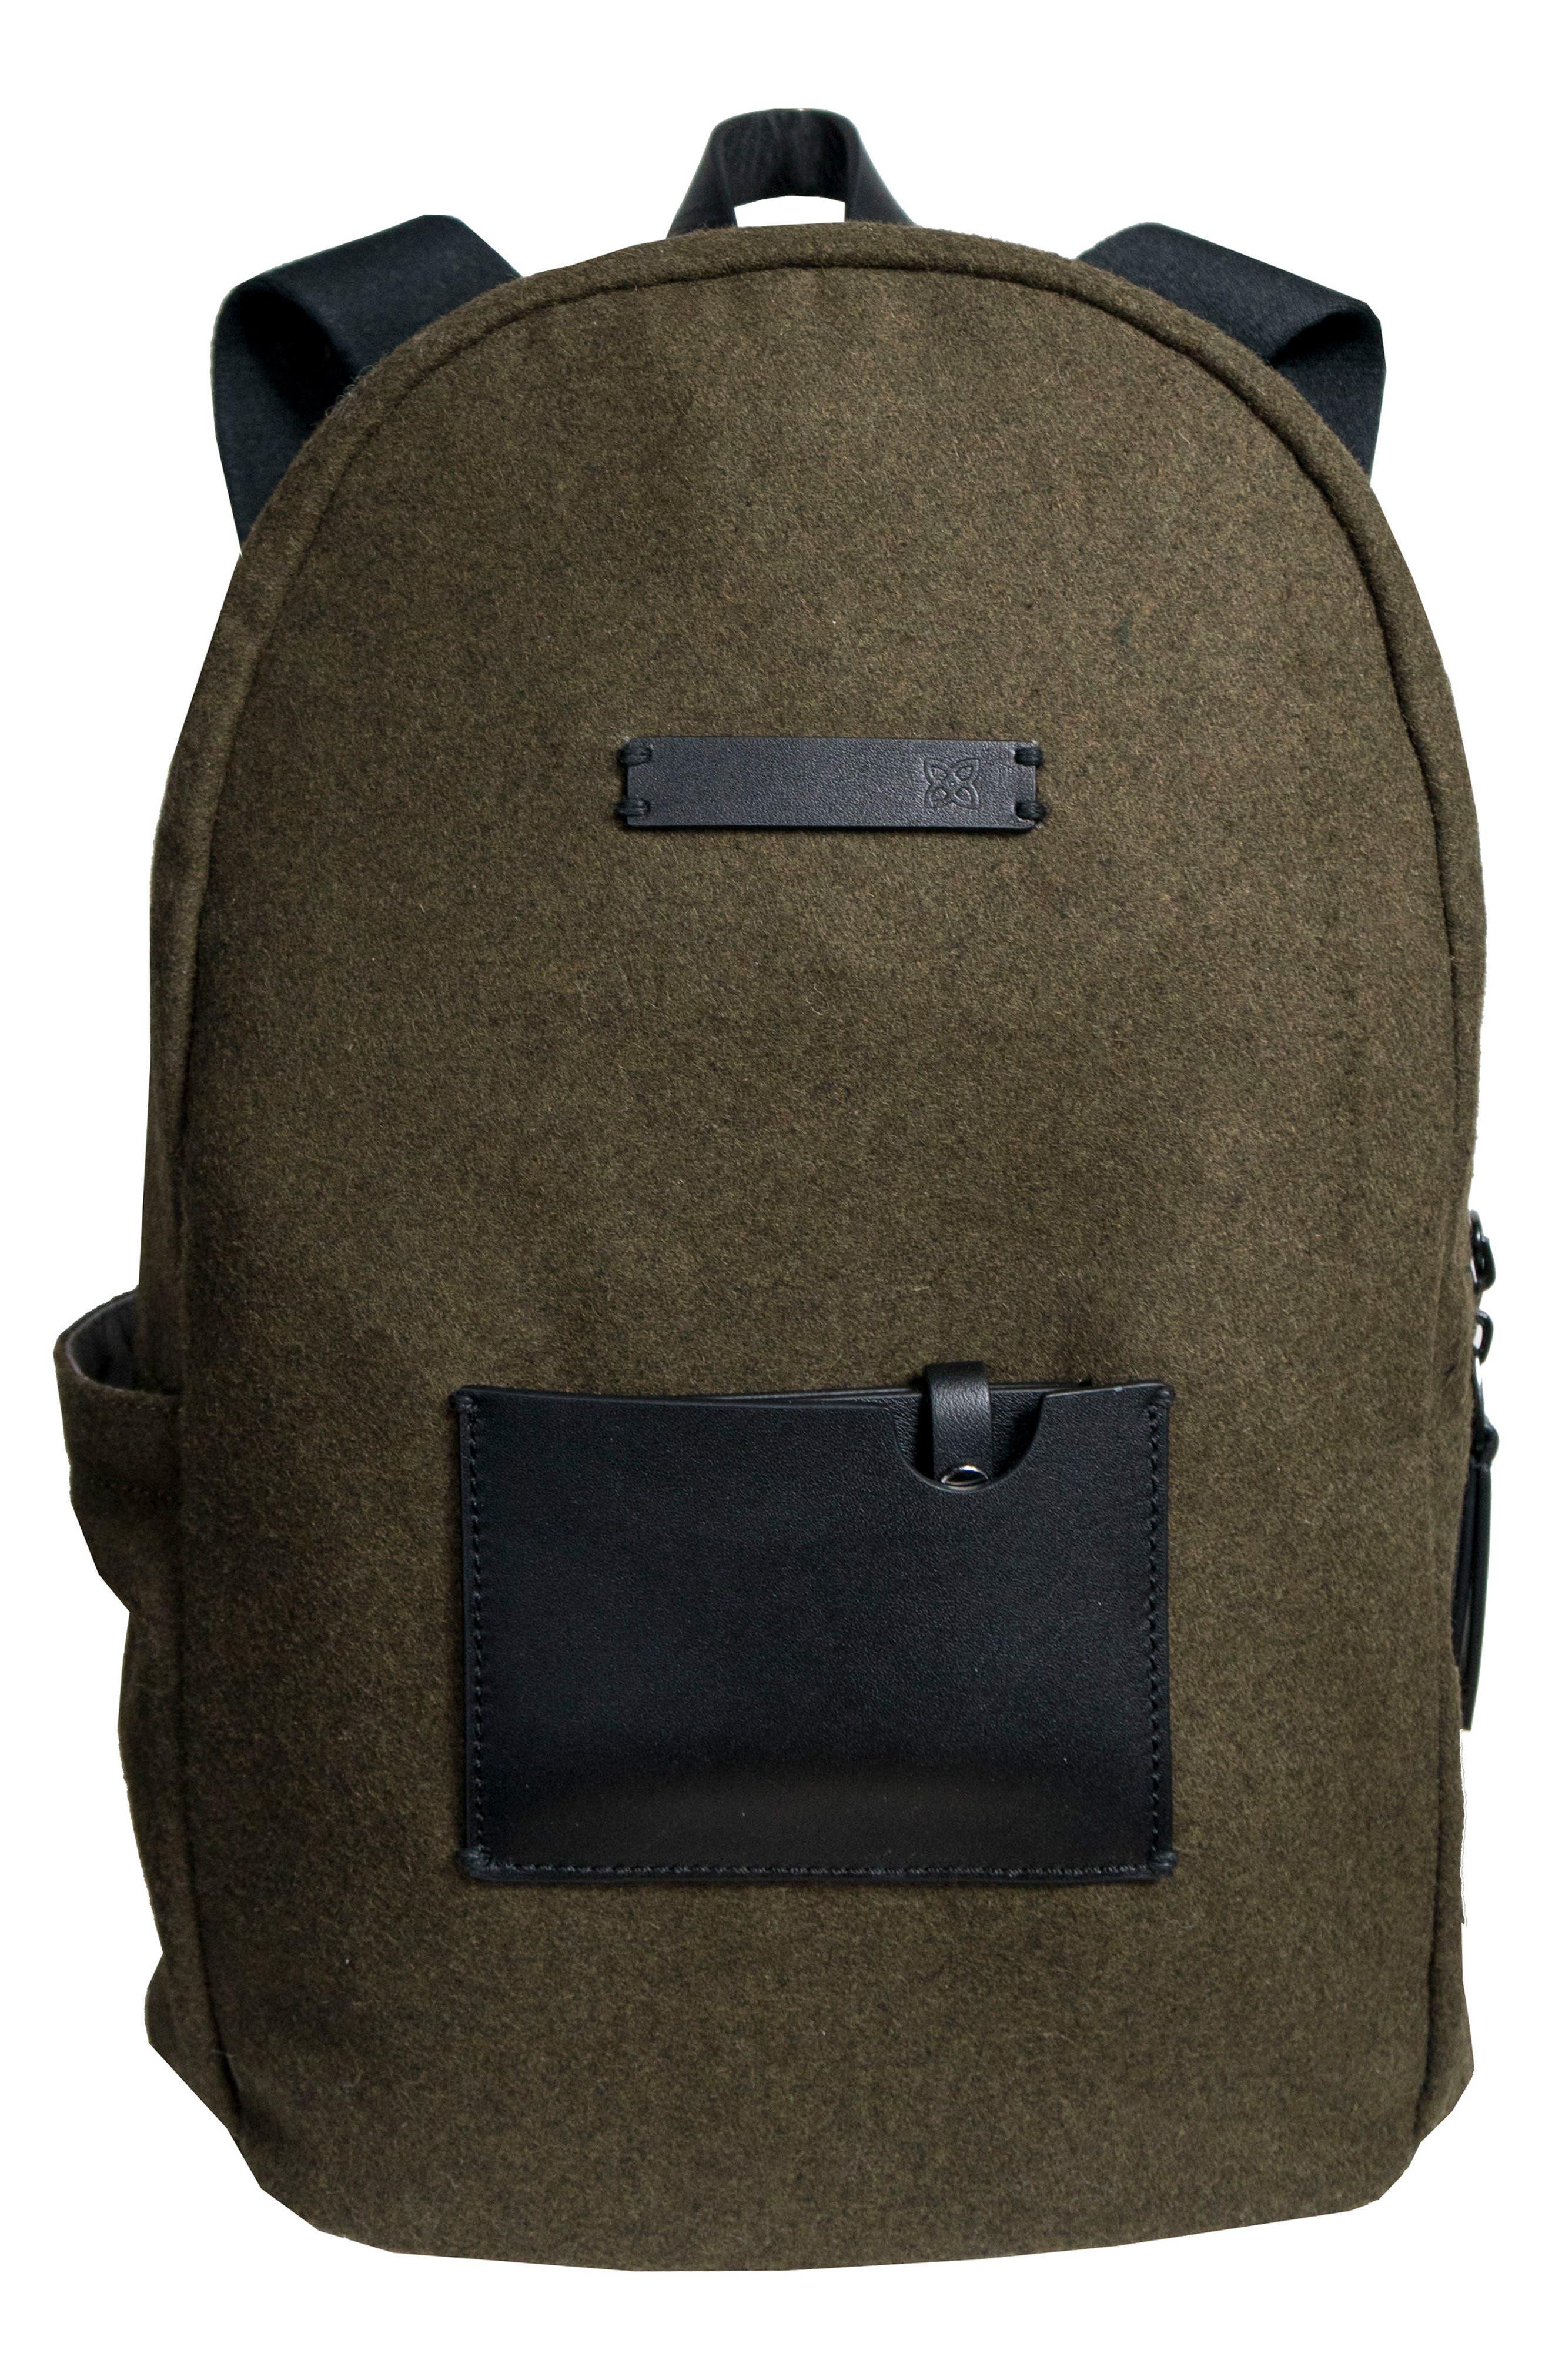 Sherpani Indie Boiled Wool Backpack